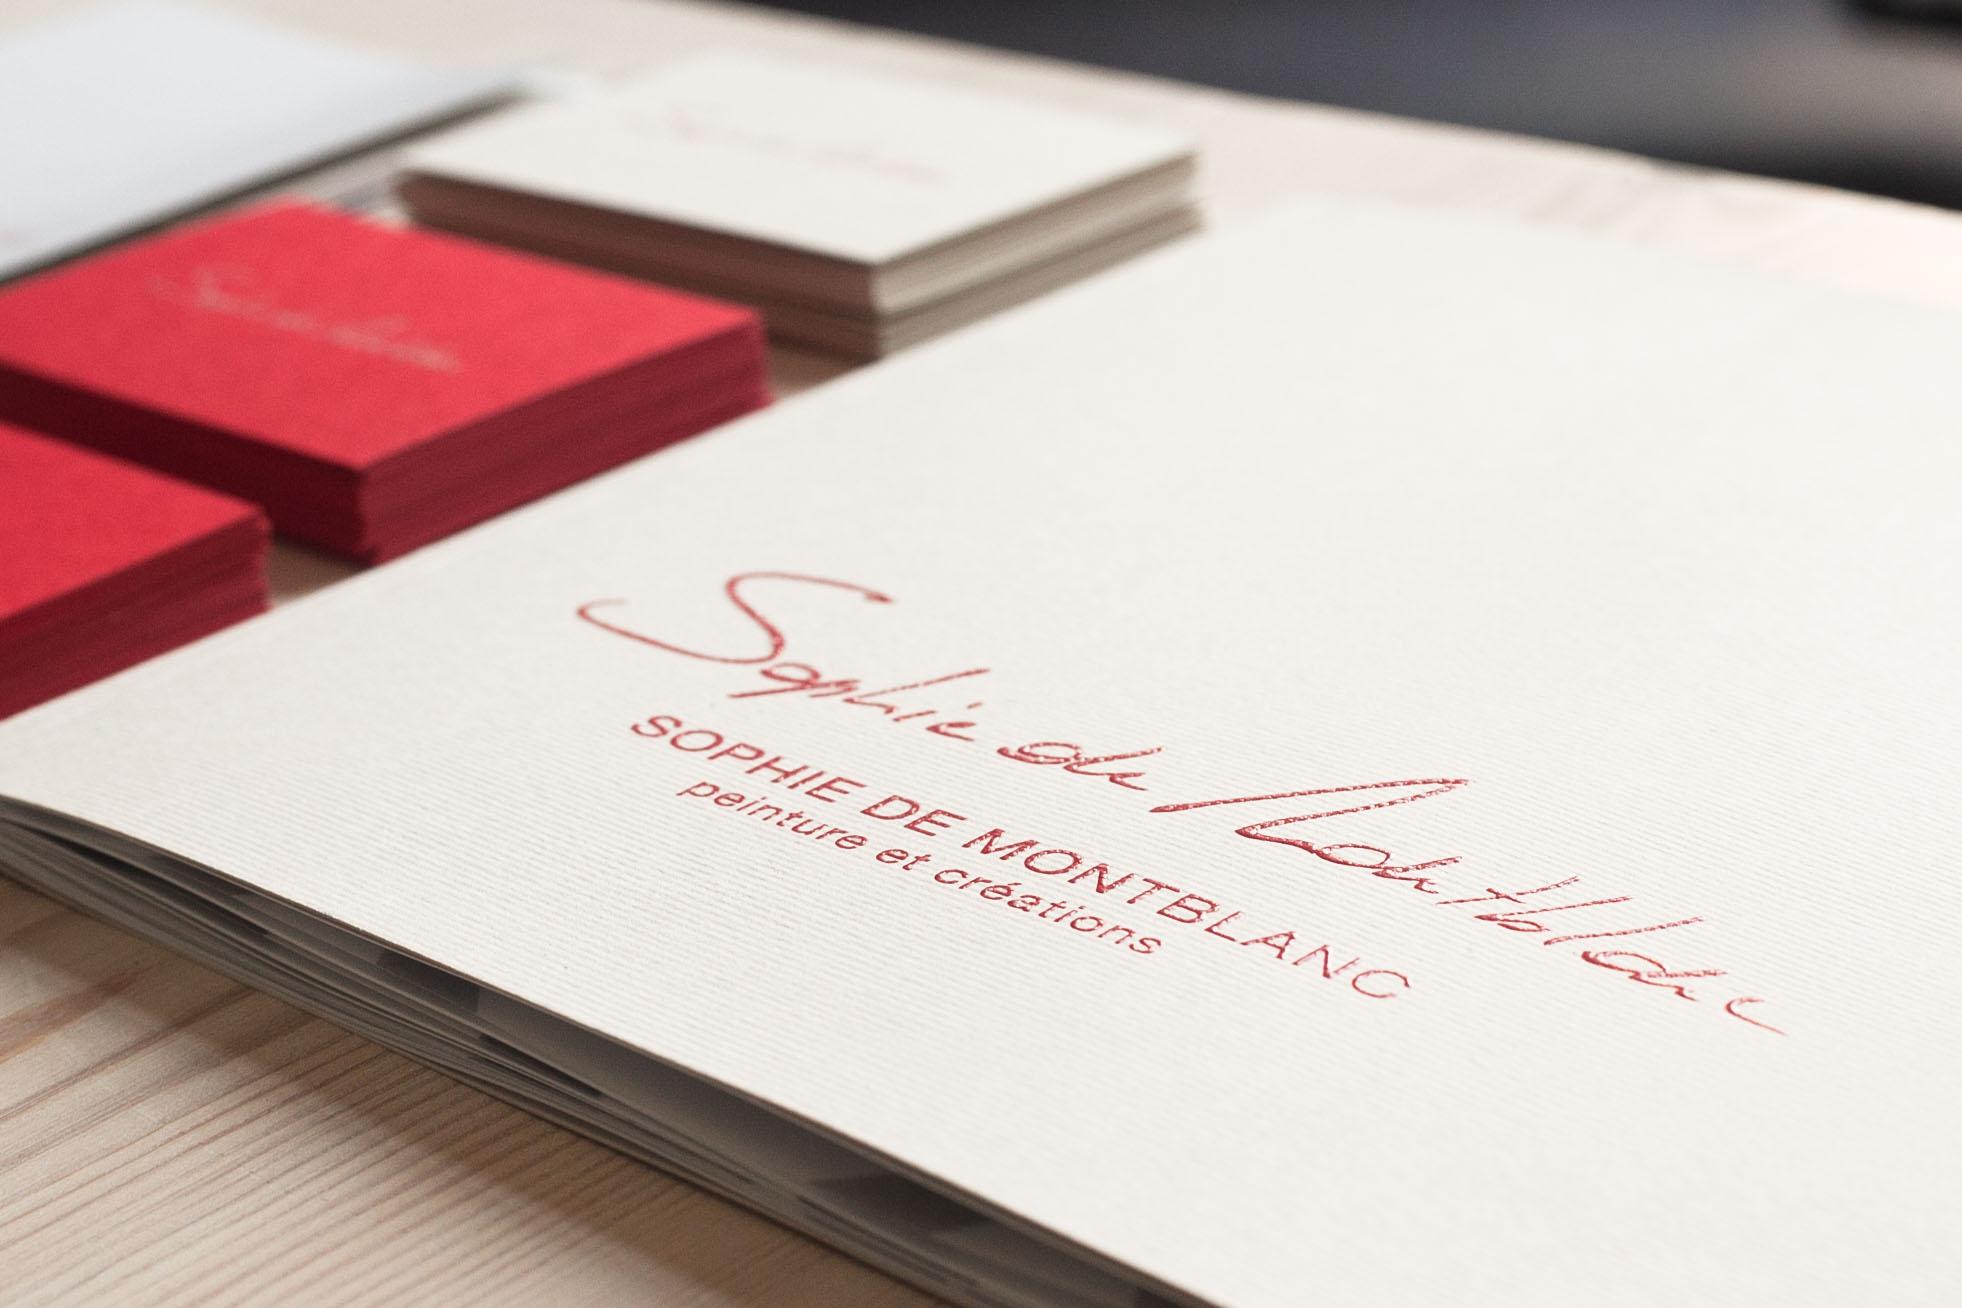 Sofie-De-Montblanc_Branding-VJS-Agency-3.jpg